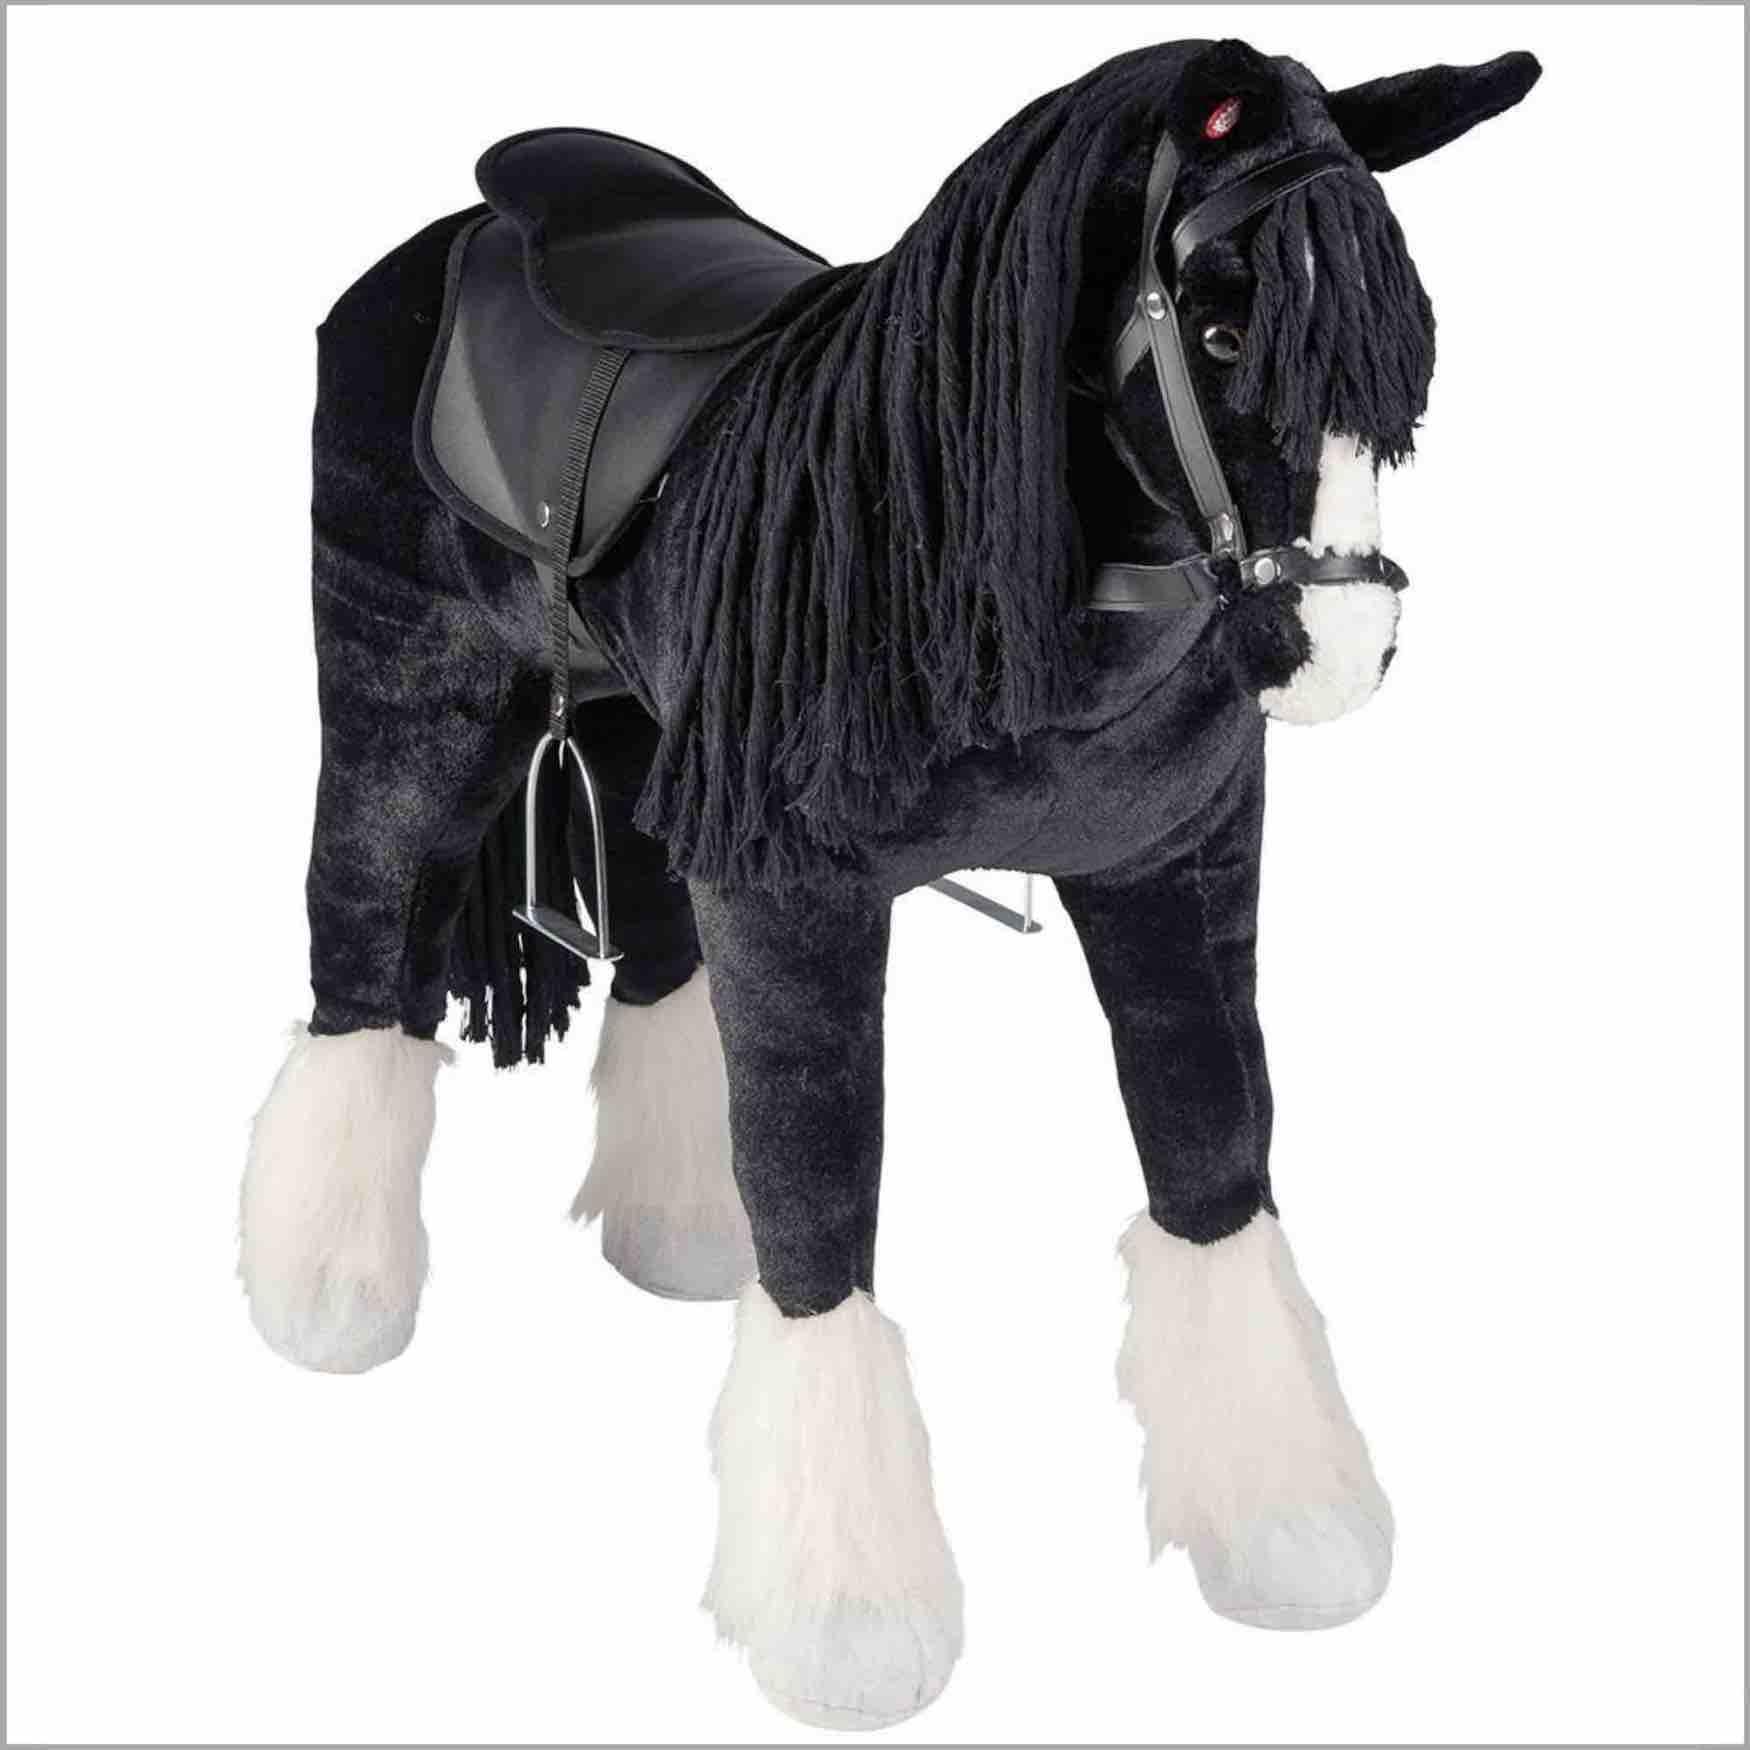 Happy People Pferd Shire Horse, Plüschpferd zum Reiten mit Sound, Stehpferd XXL, wunderschönes Spielzeug Pferd groß